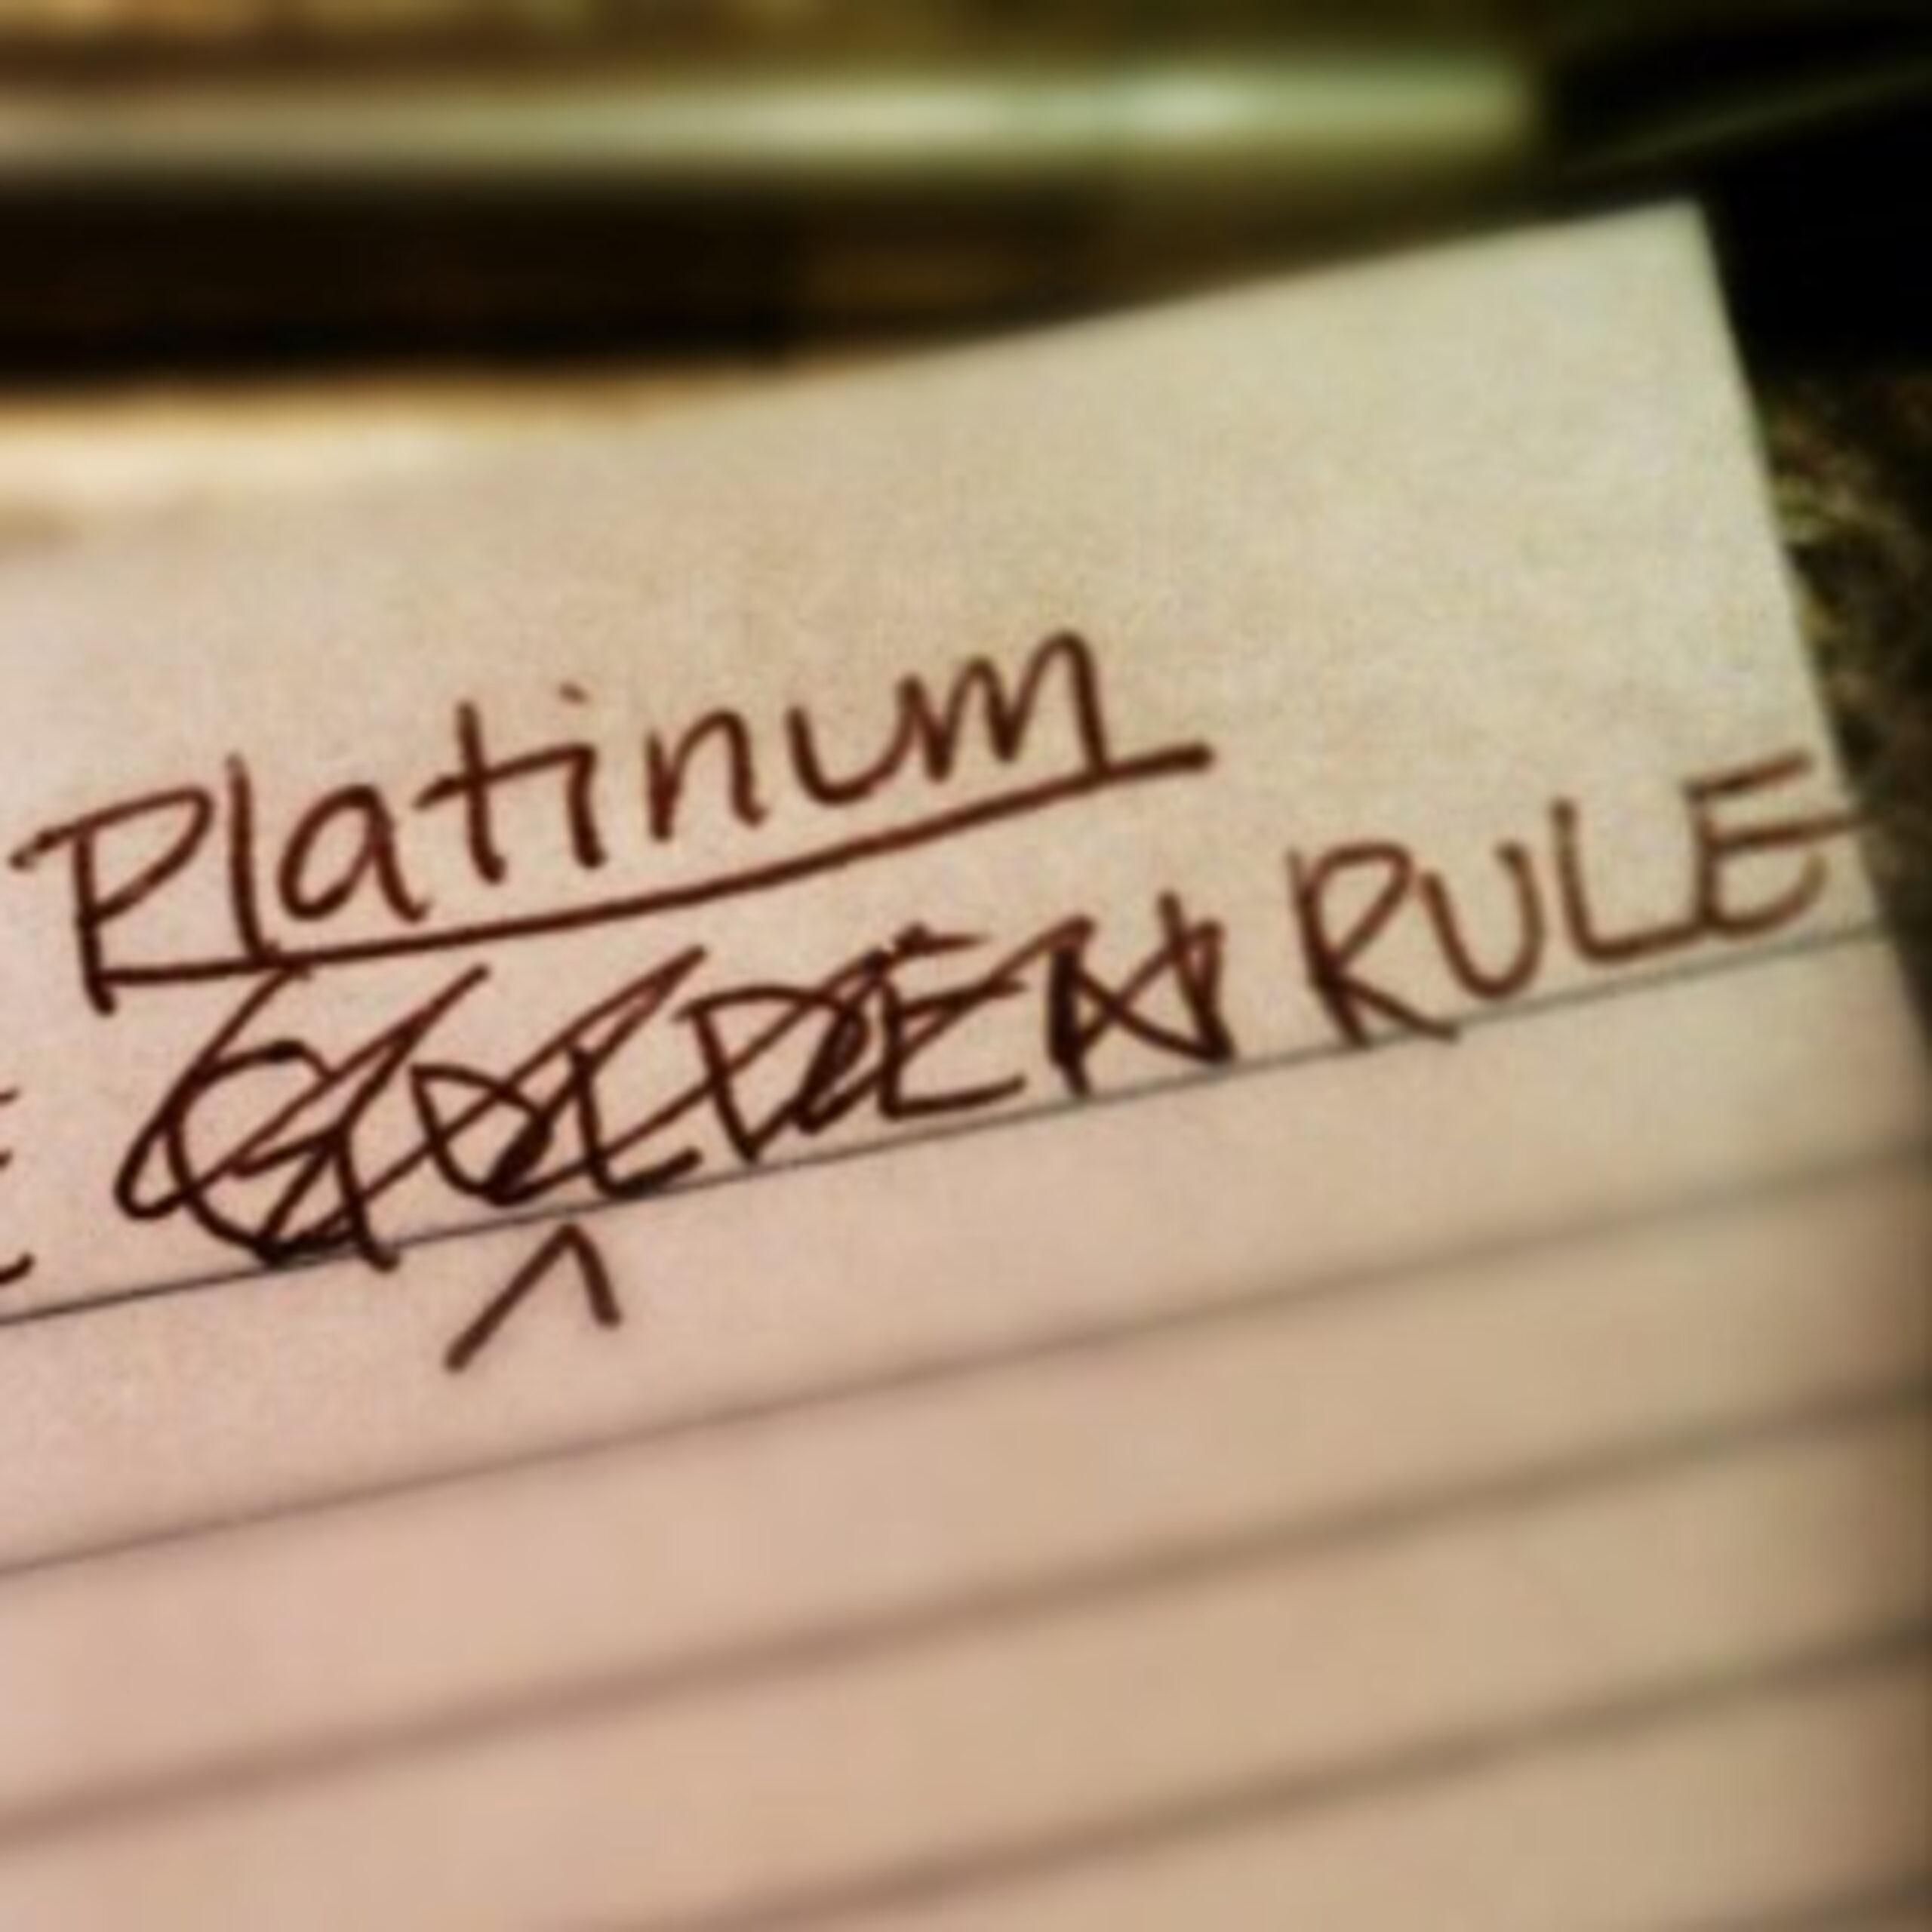 7-Golden Rule & Platinum Rule